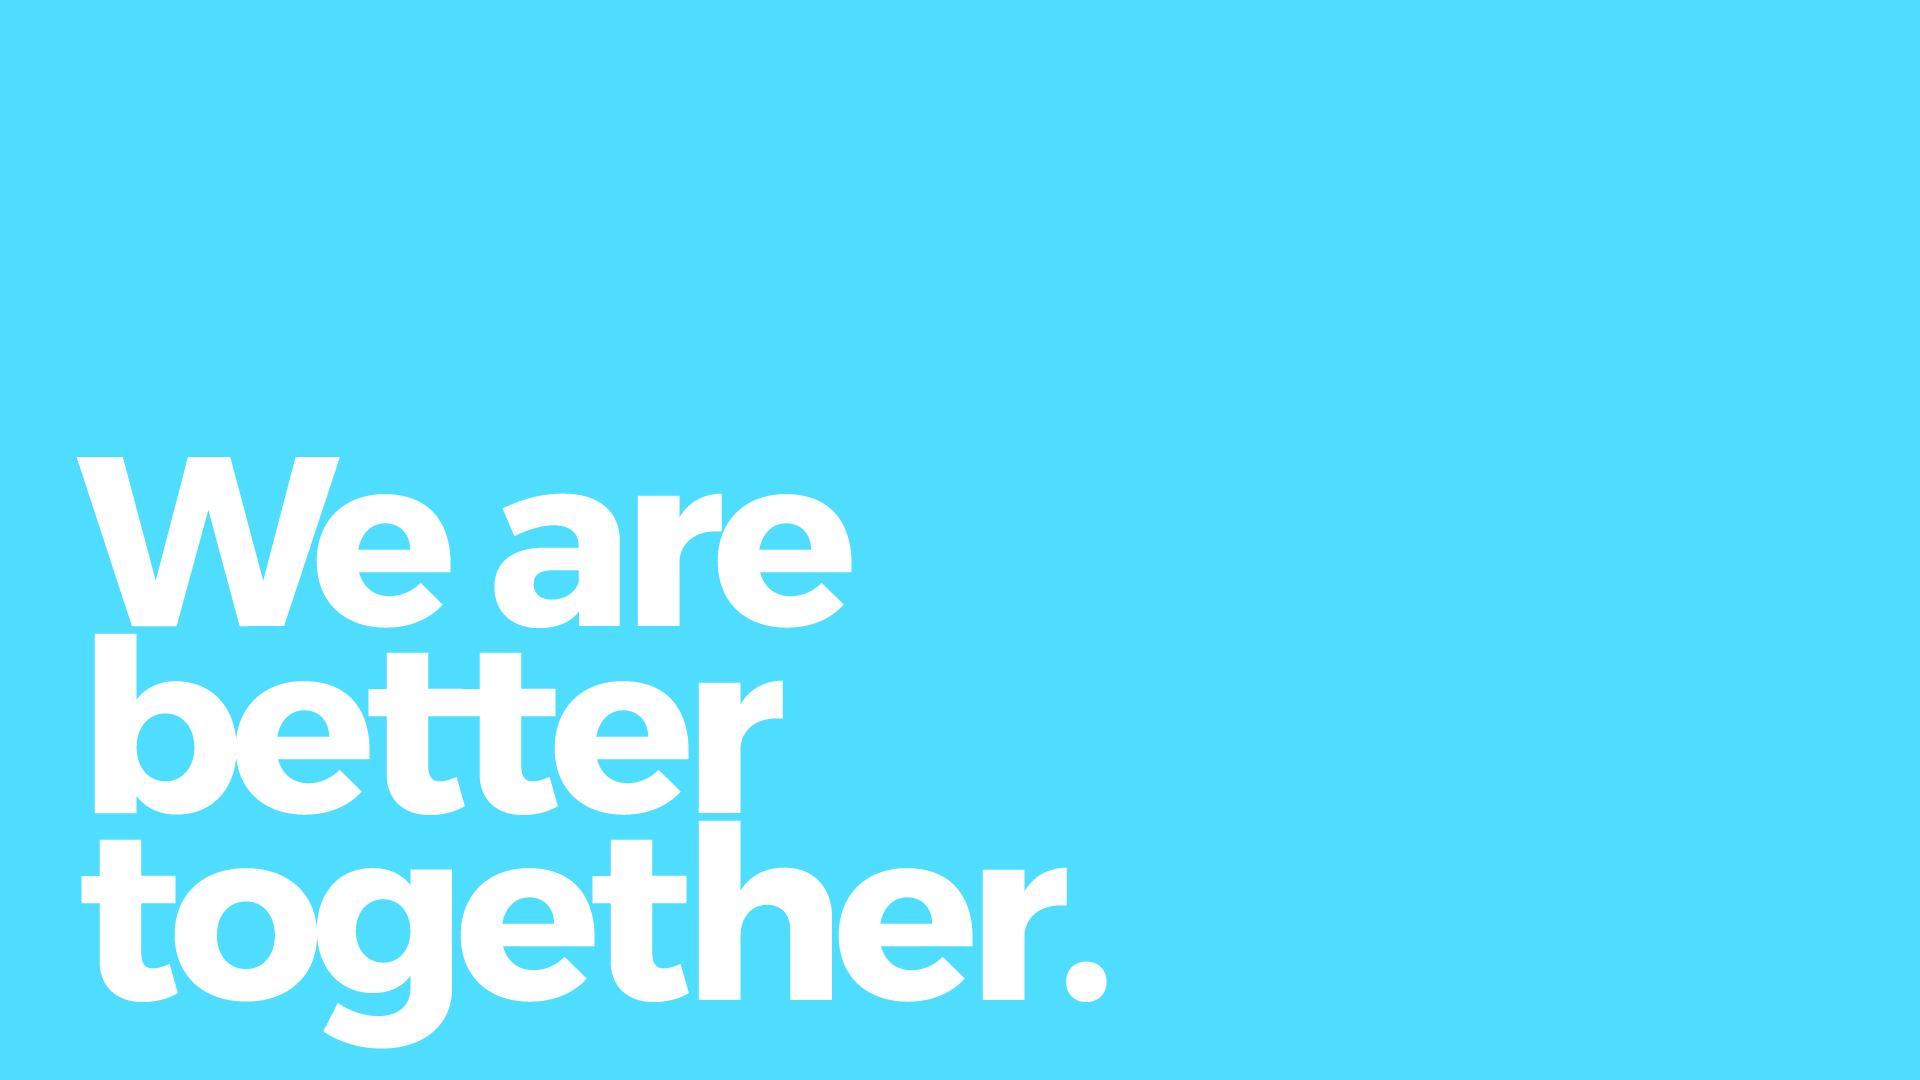 better together.jpg